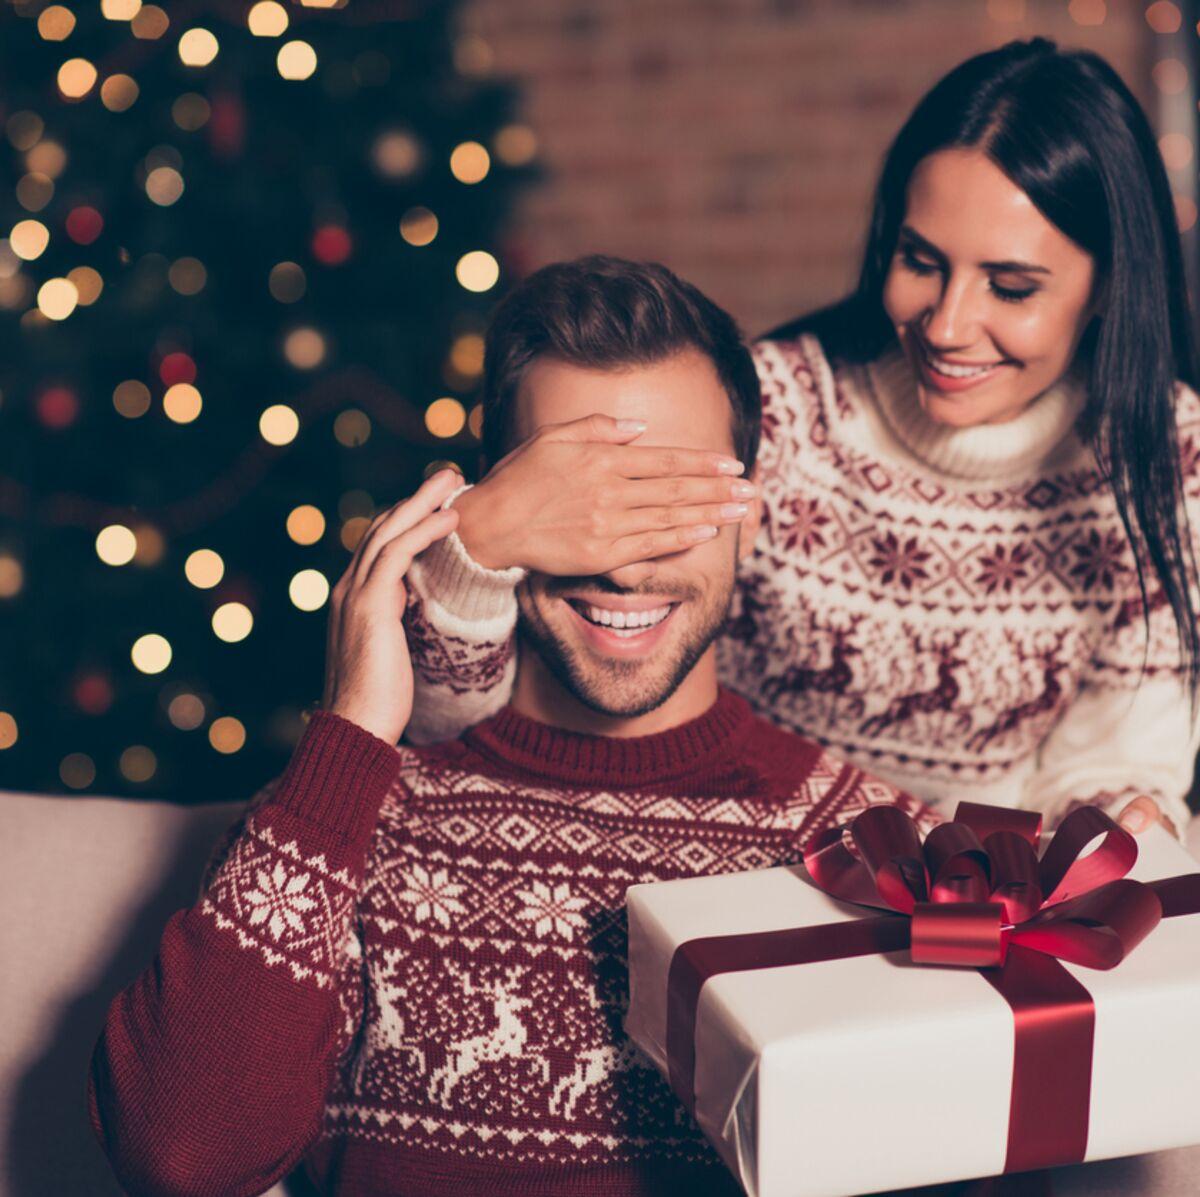 Début de la relation : 5 idées de cadeaux à offrir à Noël à votre